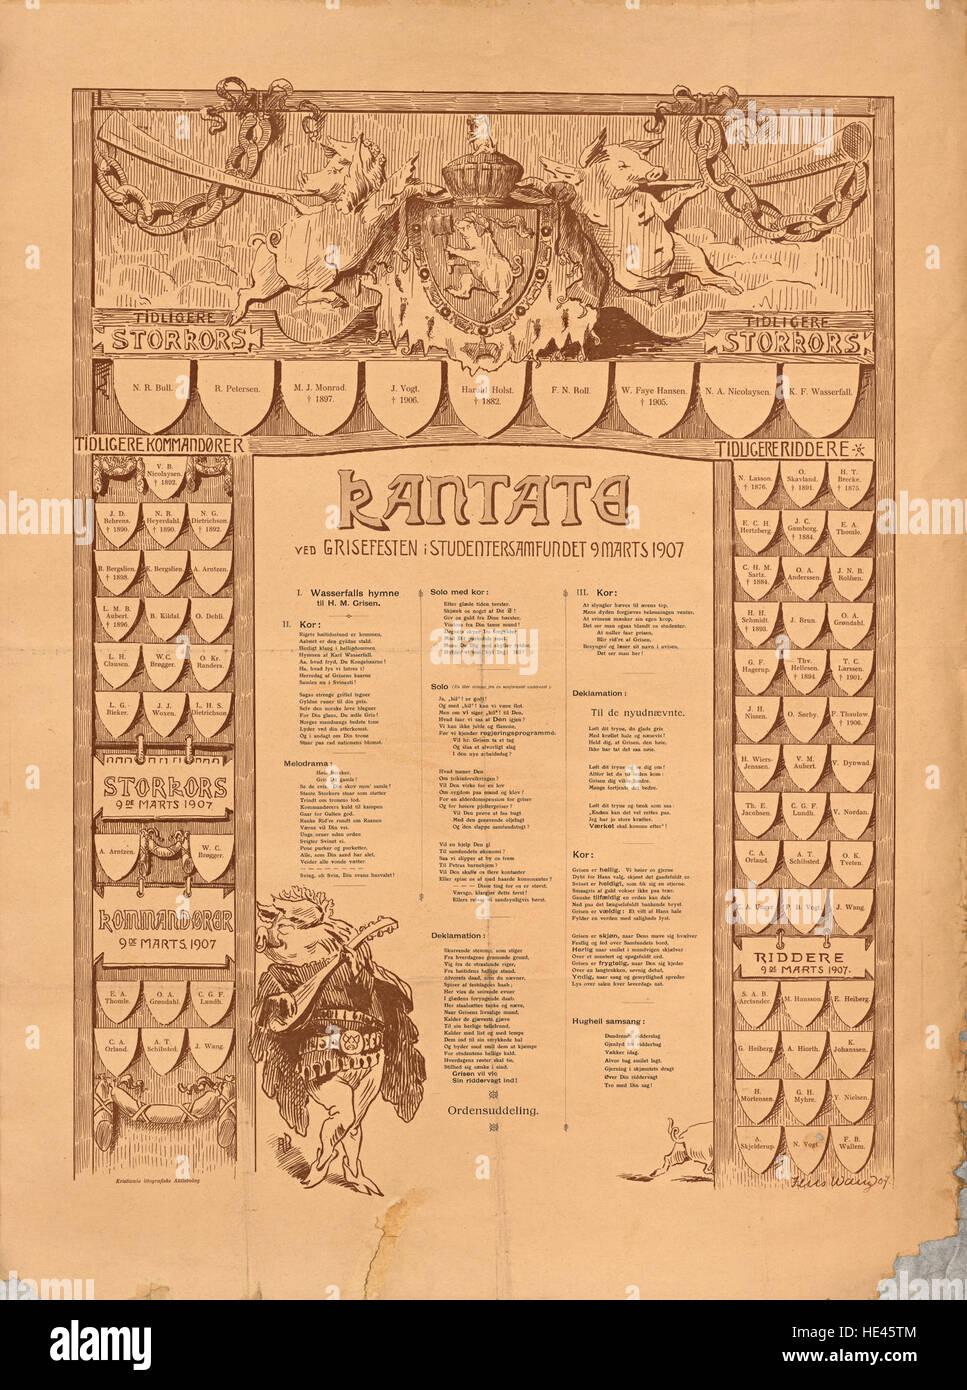 Kantate ved Grisefesten i Studentersamfundet 9 Marts 1907 - Stock Image